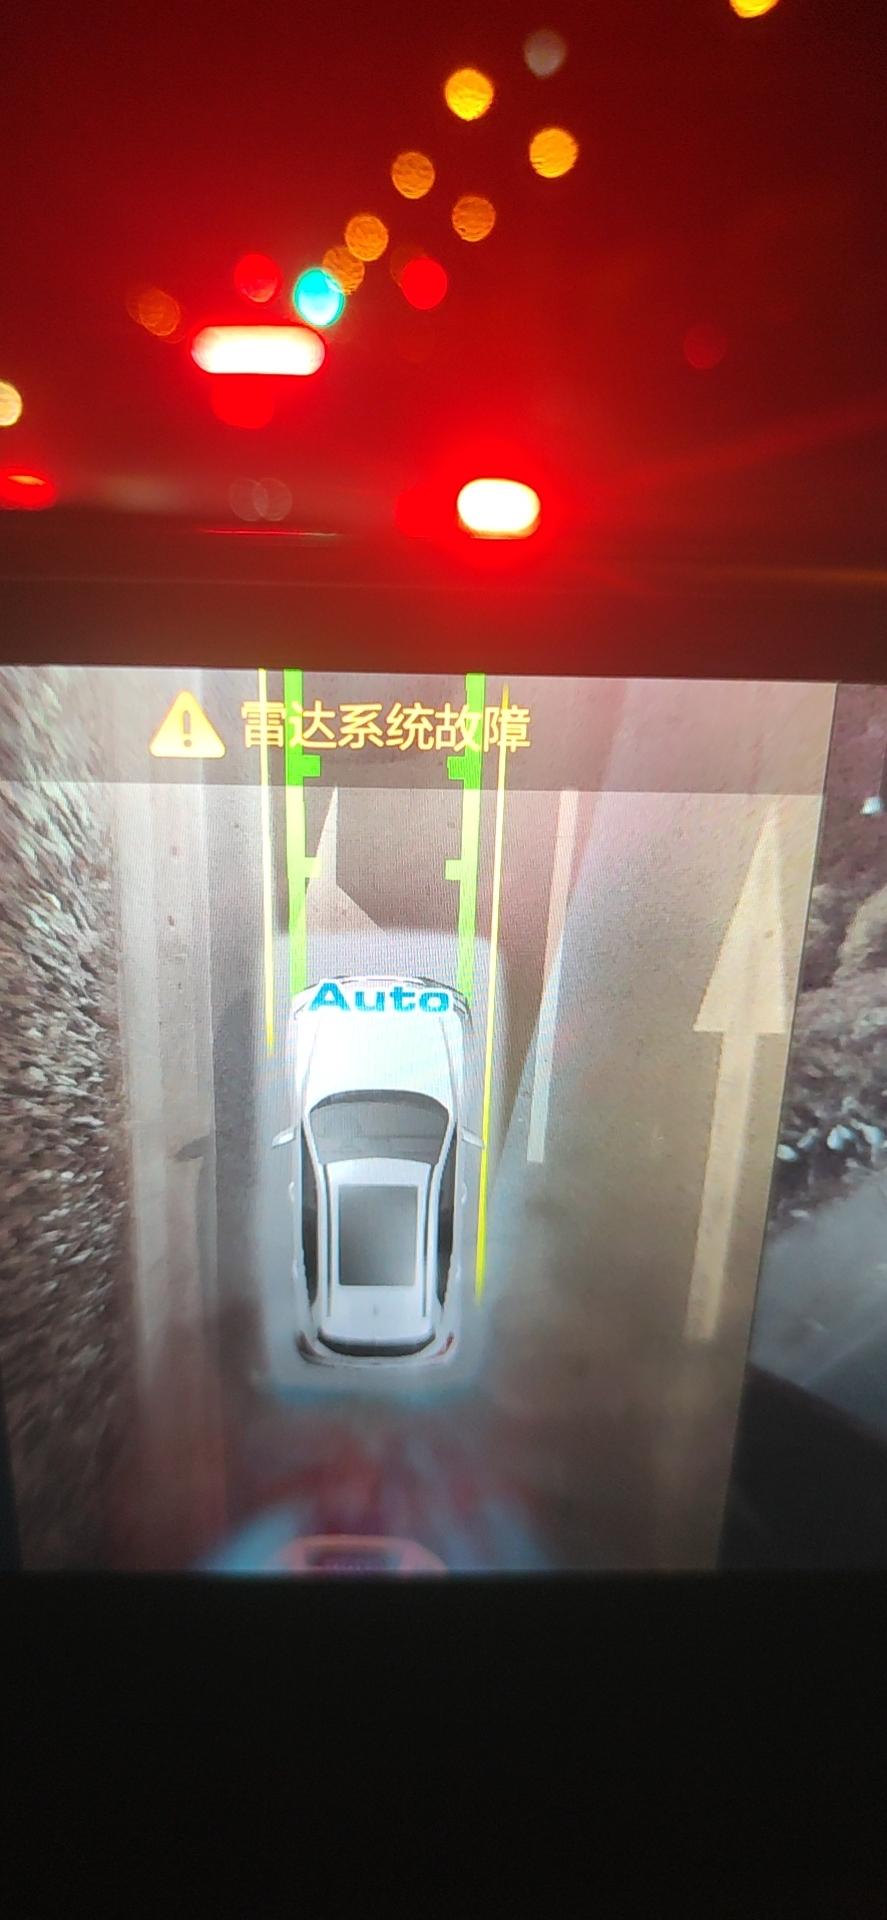 WEY-VV7新车流媒体后视镜蓝屏闪屏,厂家却置之不理